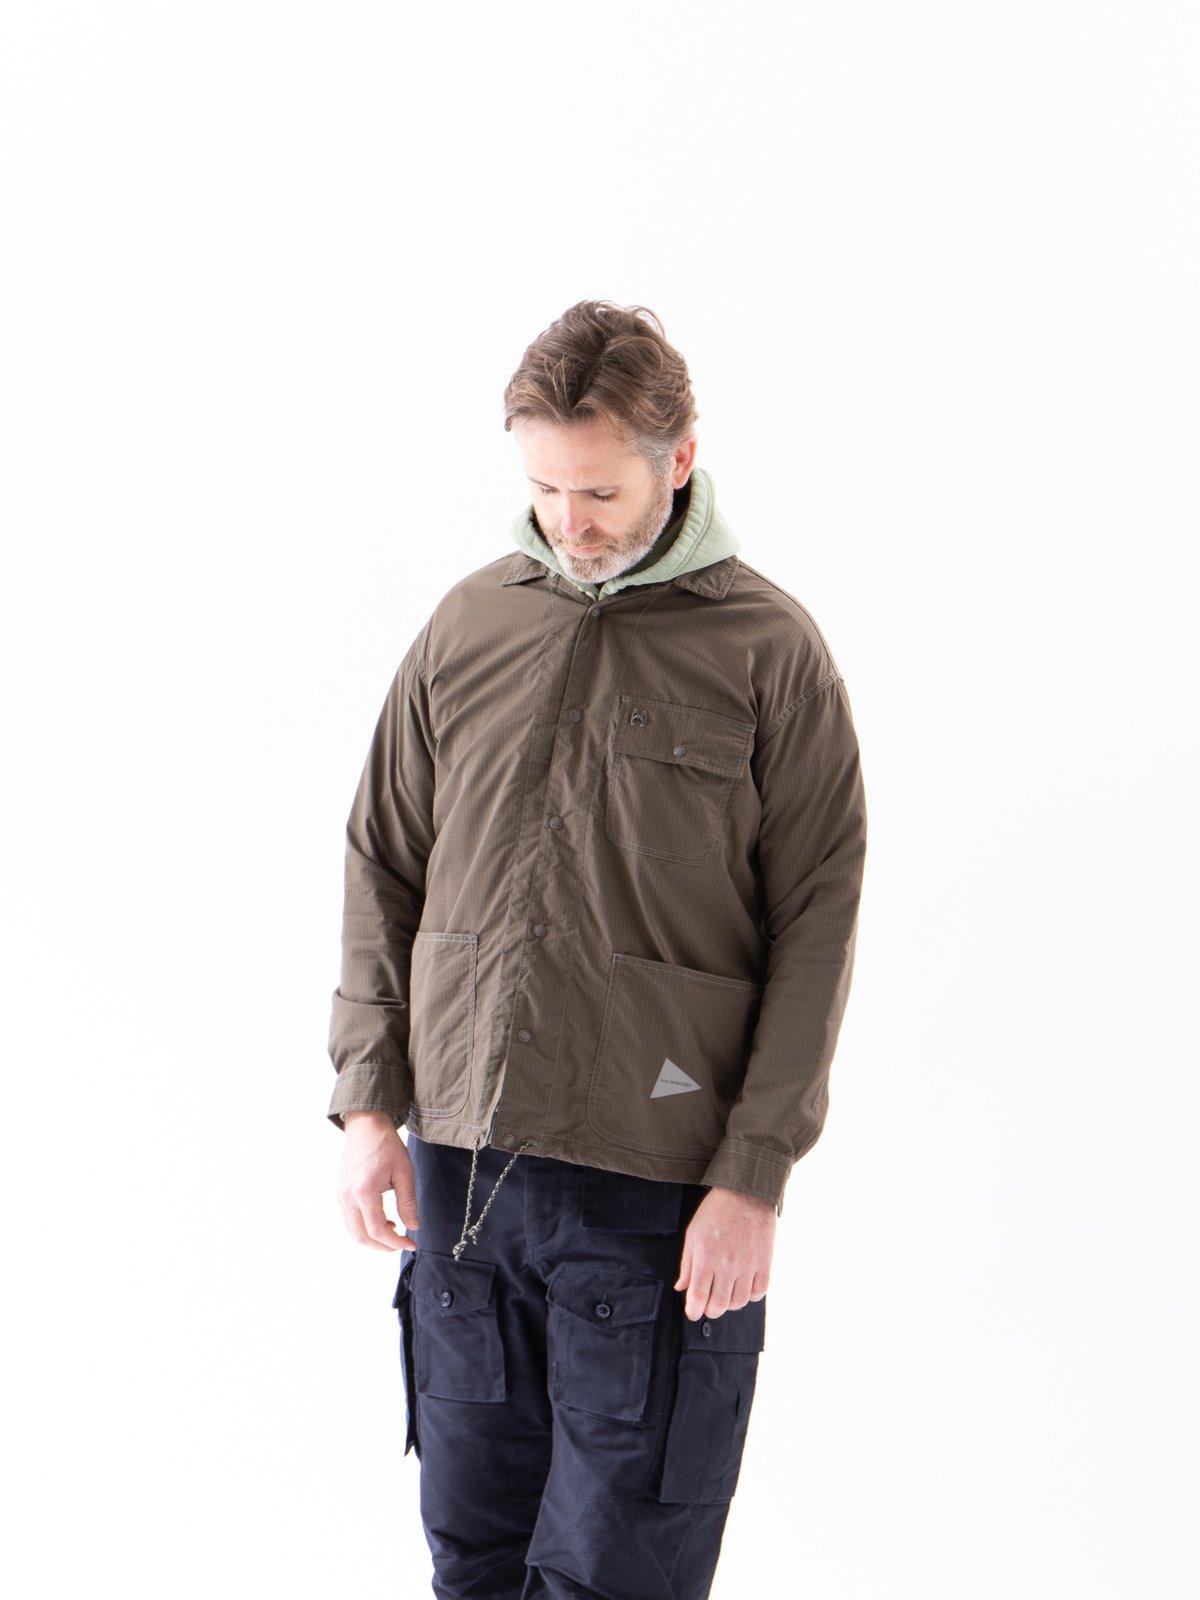 Khaki Dry Rip Shirt - Image 3